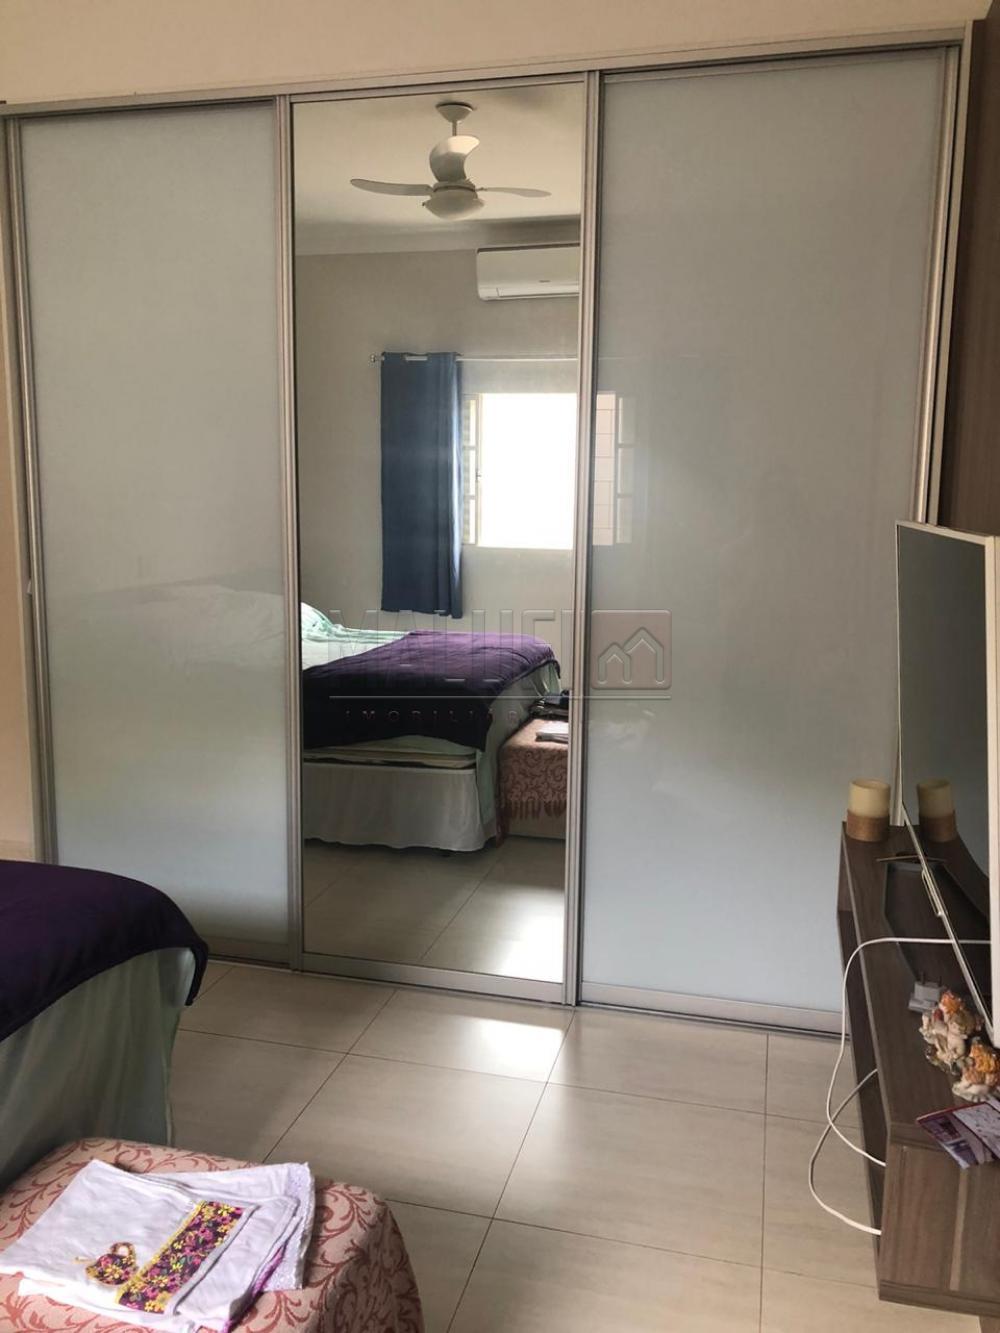 Alugar Casas / Condomínio em Olímpia apenas R$ 3.300,00 - Foto 5